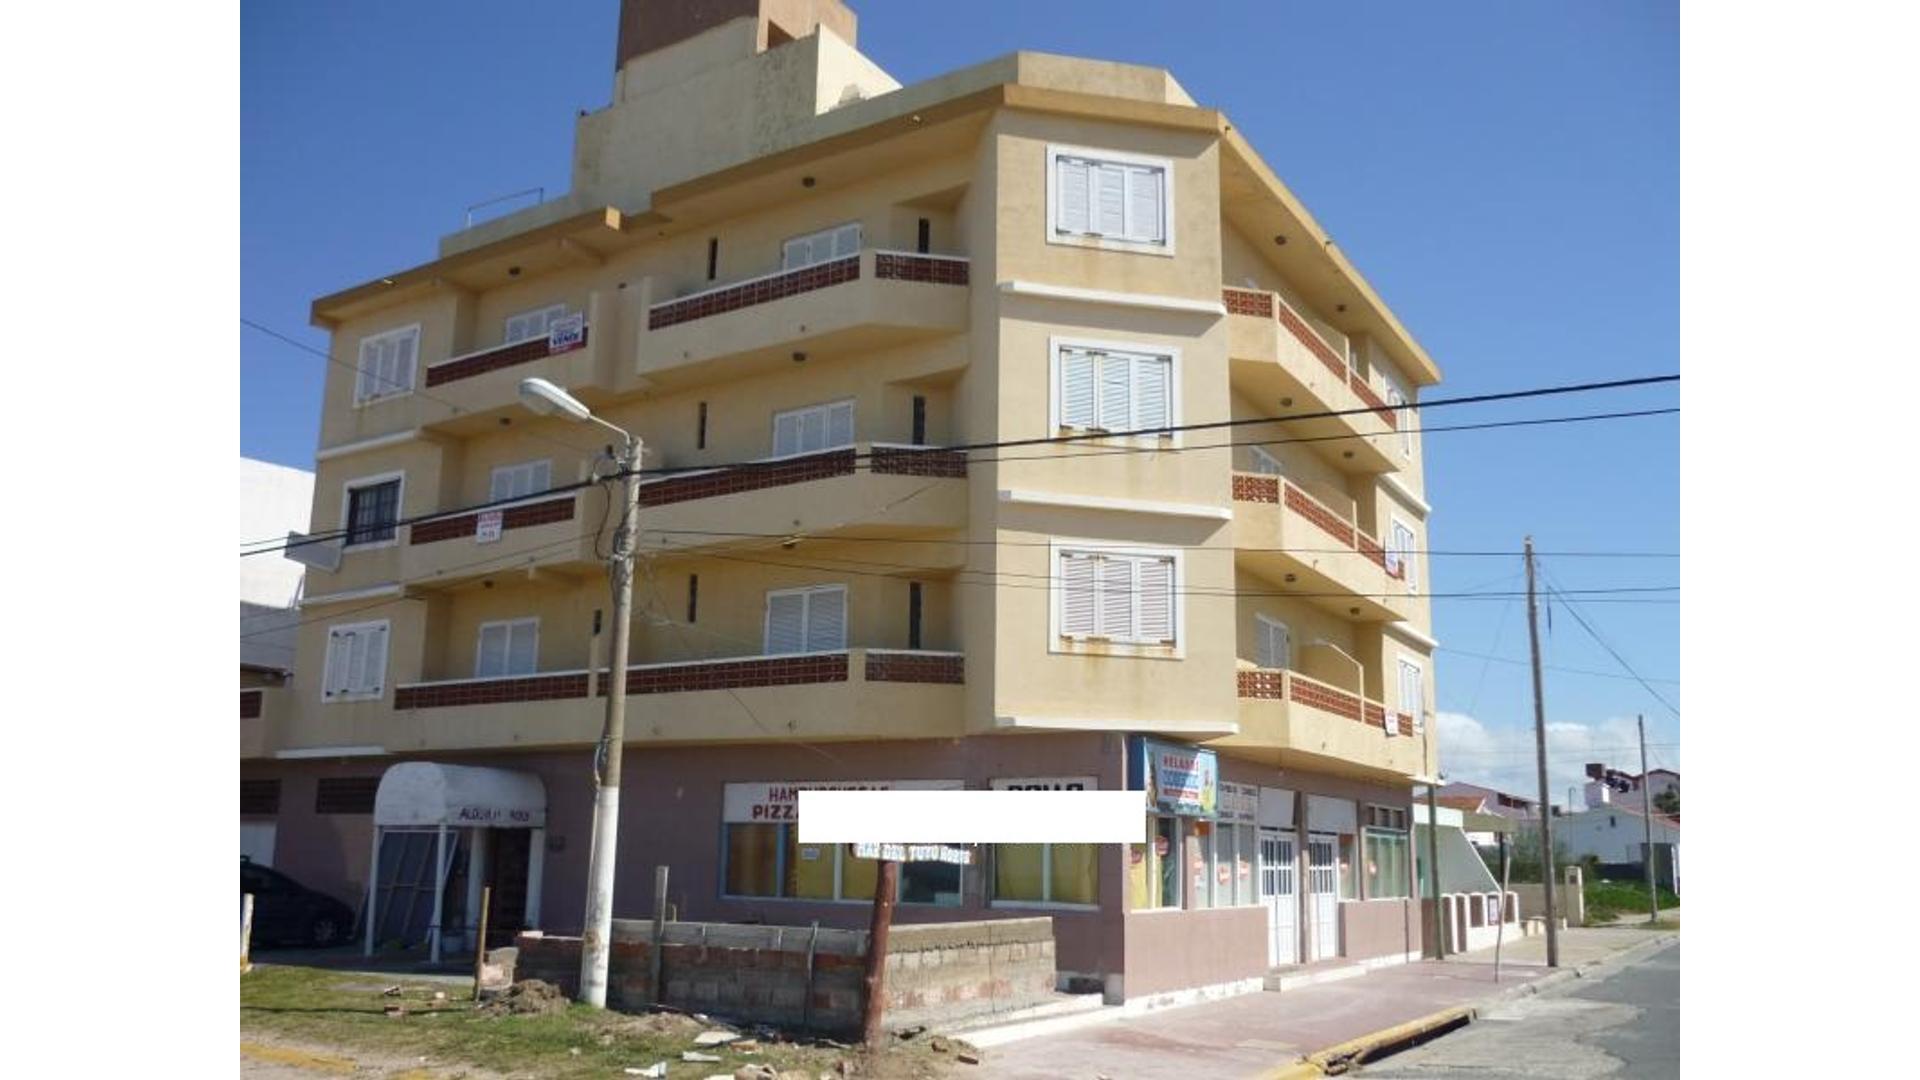 Avenida Costanera 100 calle 53 - Consulte precio - Departamento Alquiler temporario